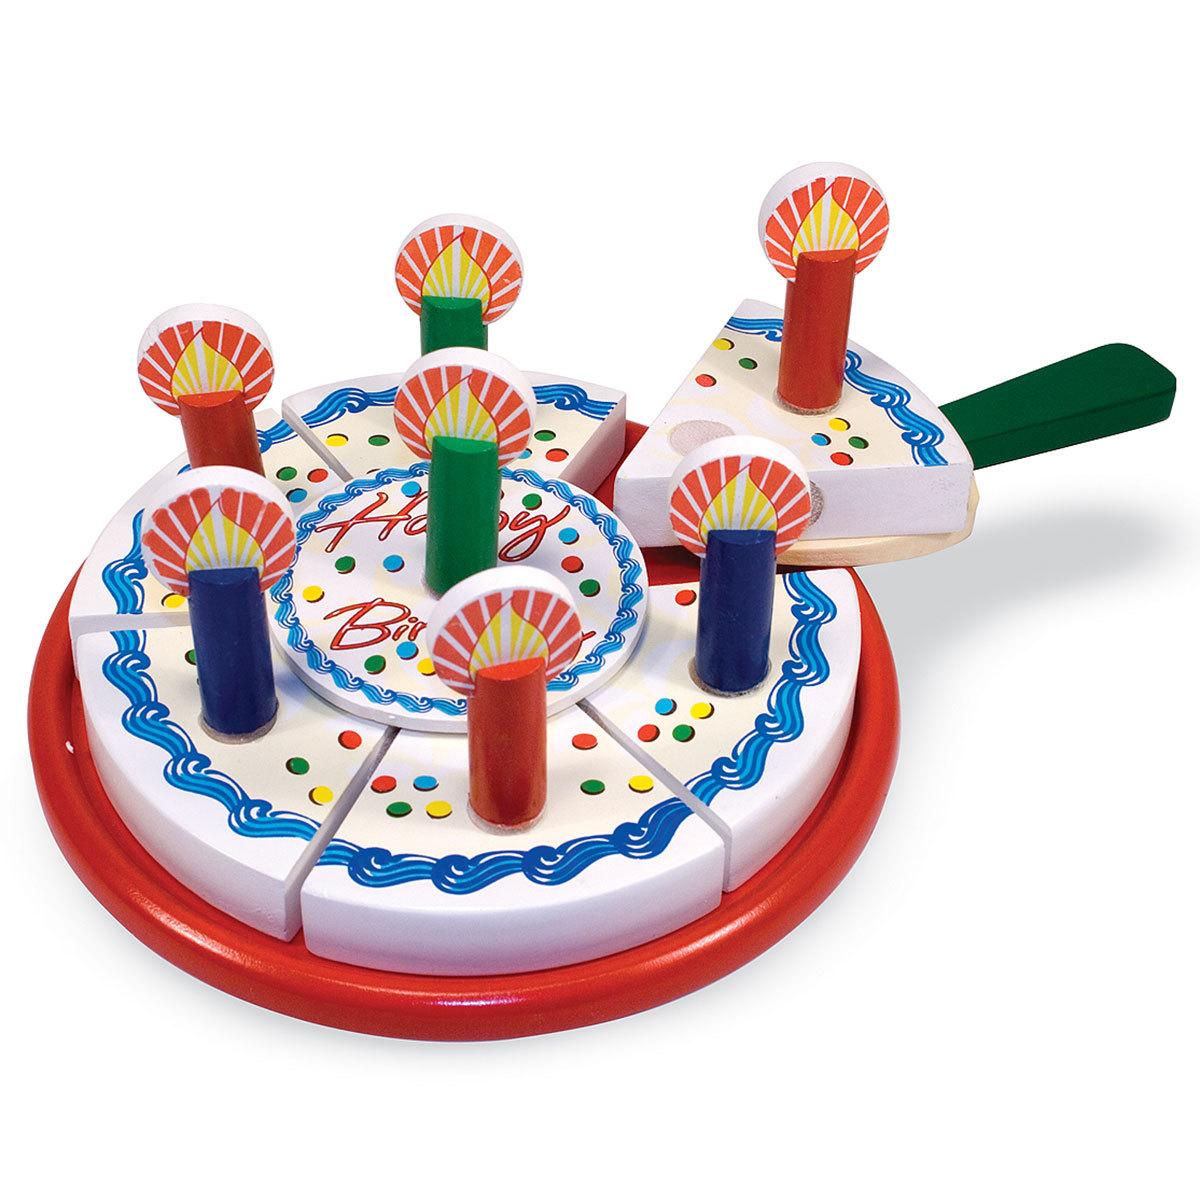 Mes premiers jouets Gâteau d'Anniversaire en Bois Gâteau d'Anniversaire en Bois